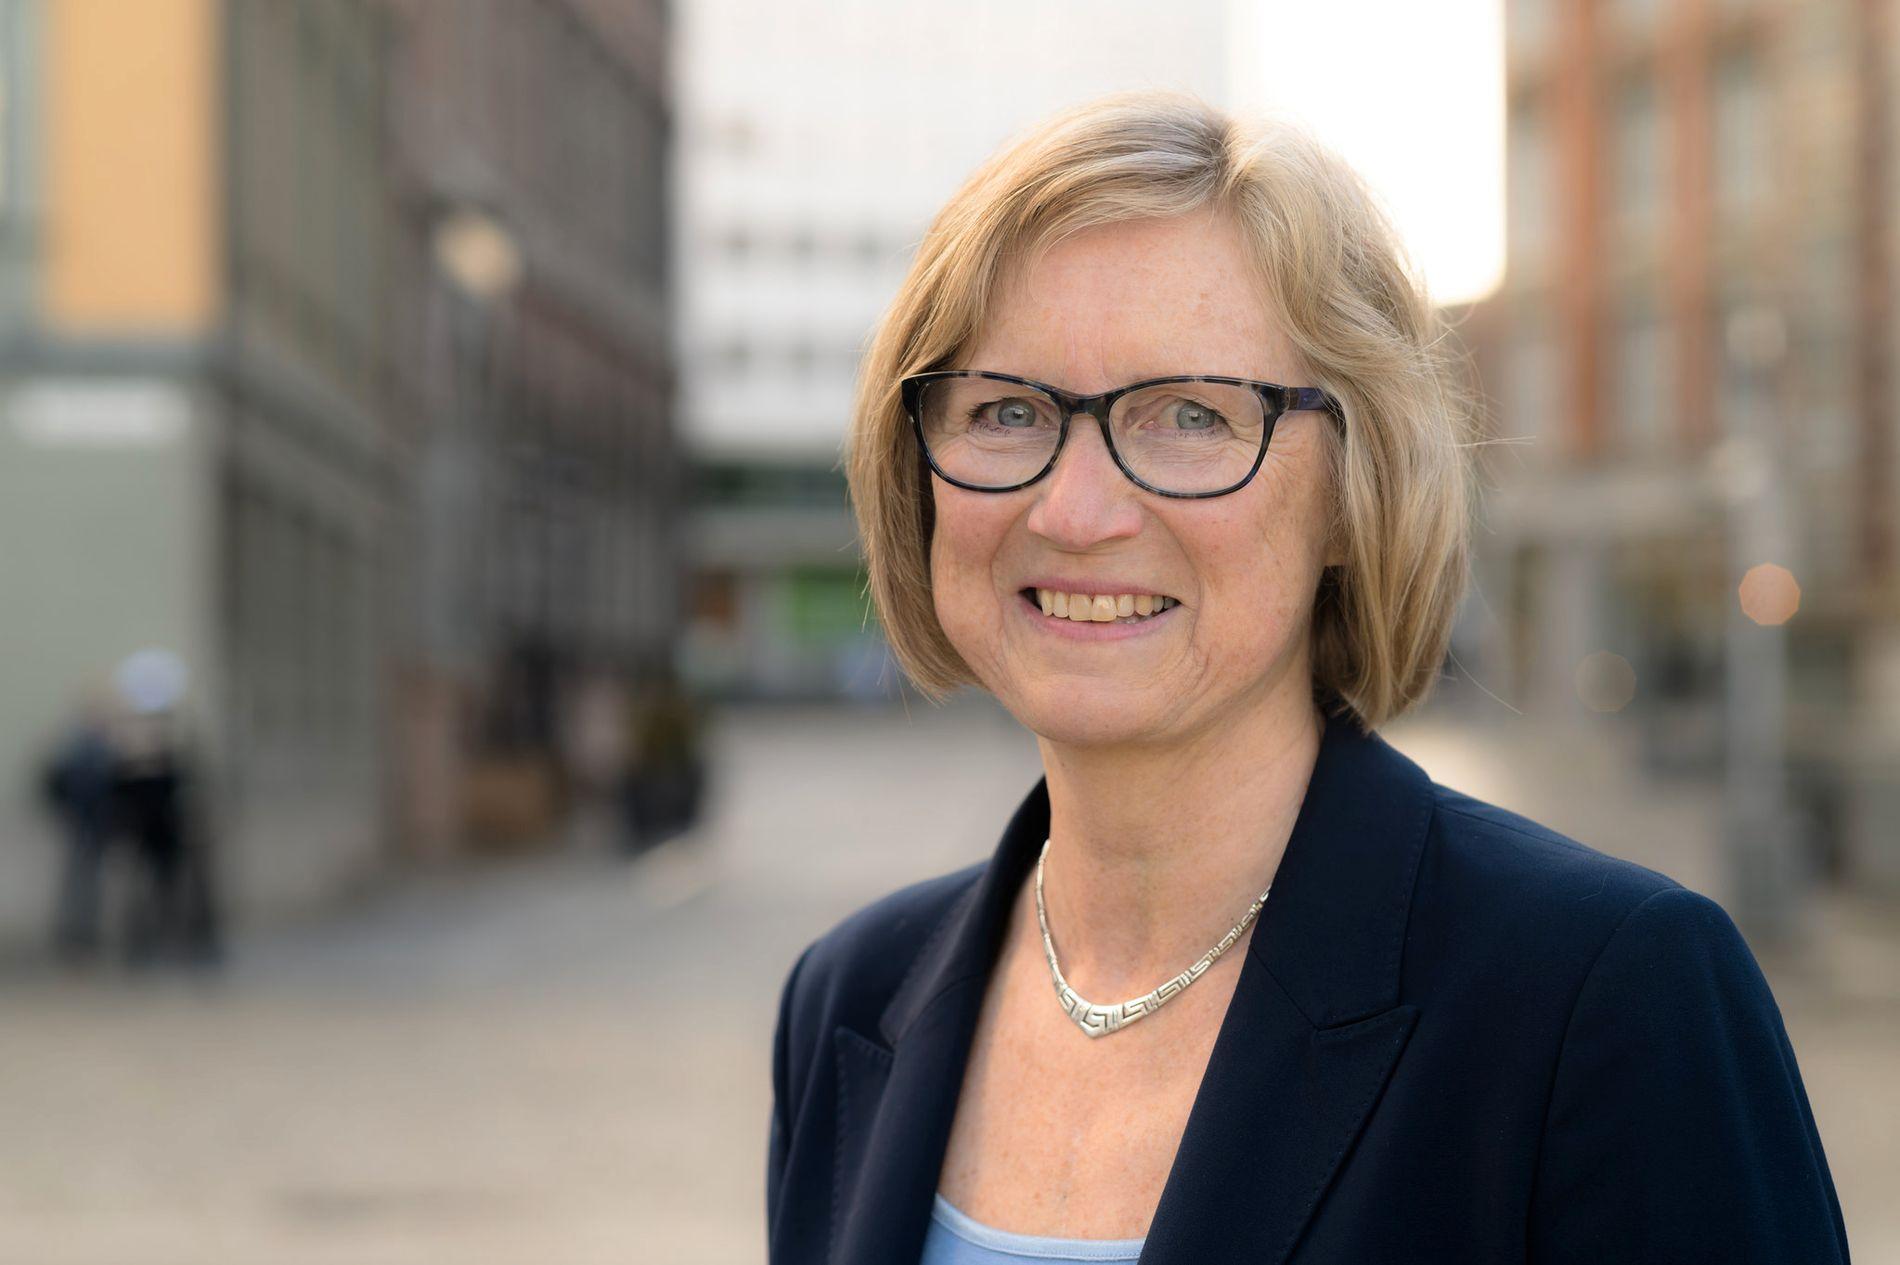 LEKENDE SENTRUM: Hvorfor skal ikke jeg kunne ta noen himmelhøye husketurer selv om jeg har rundet 60? spør Mona Høgli.